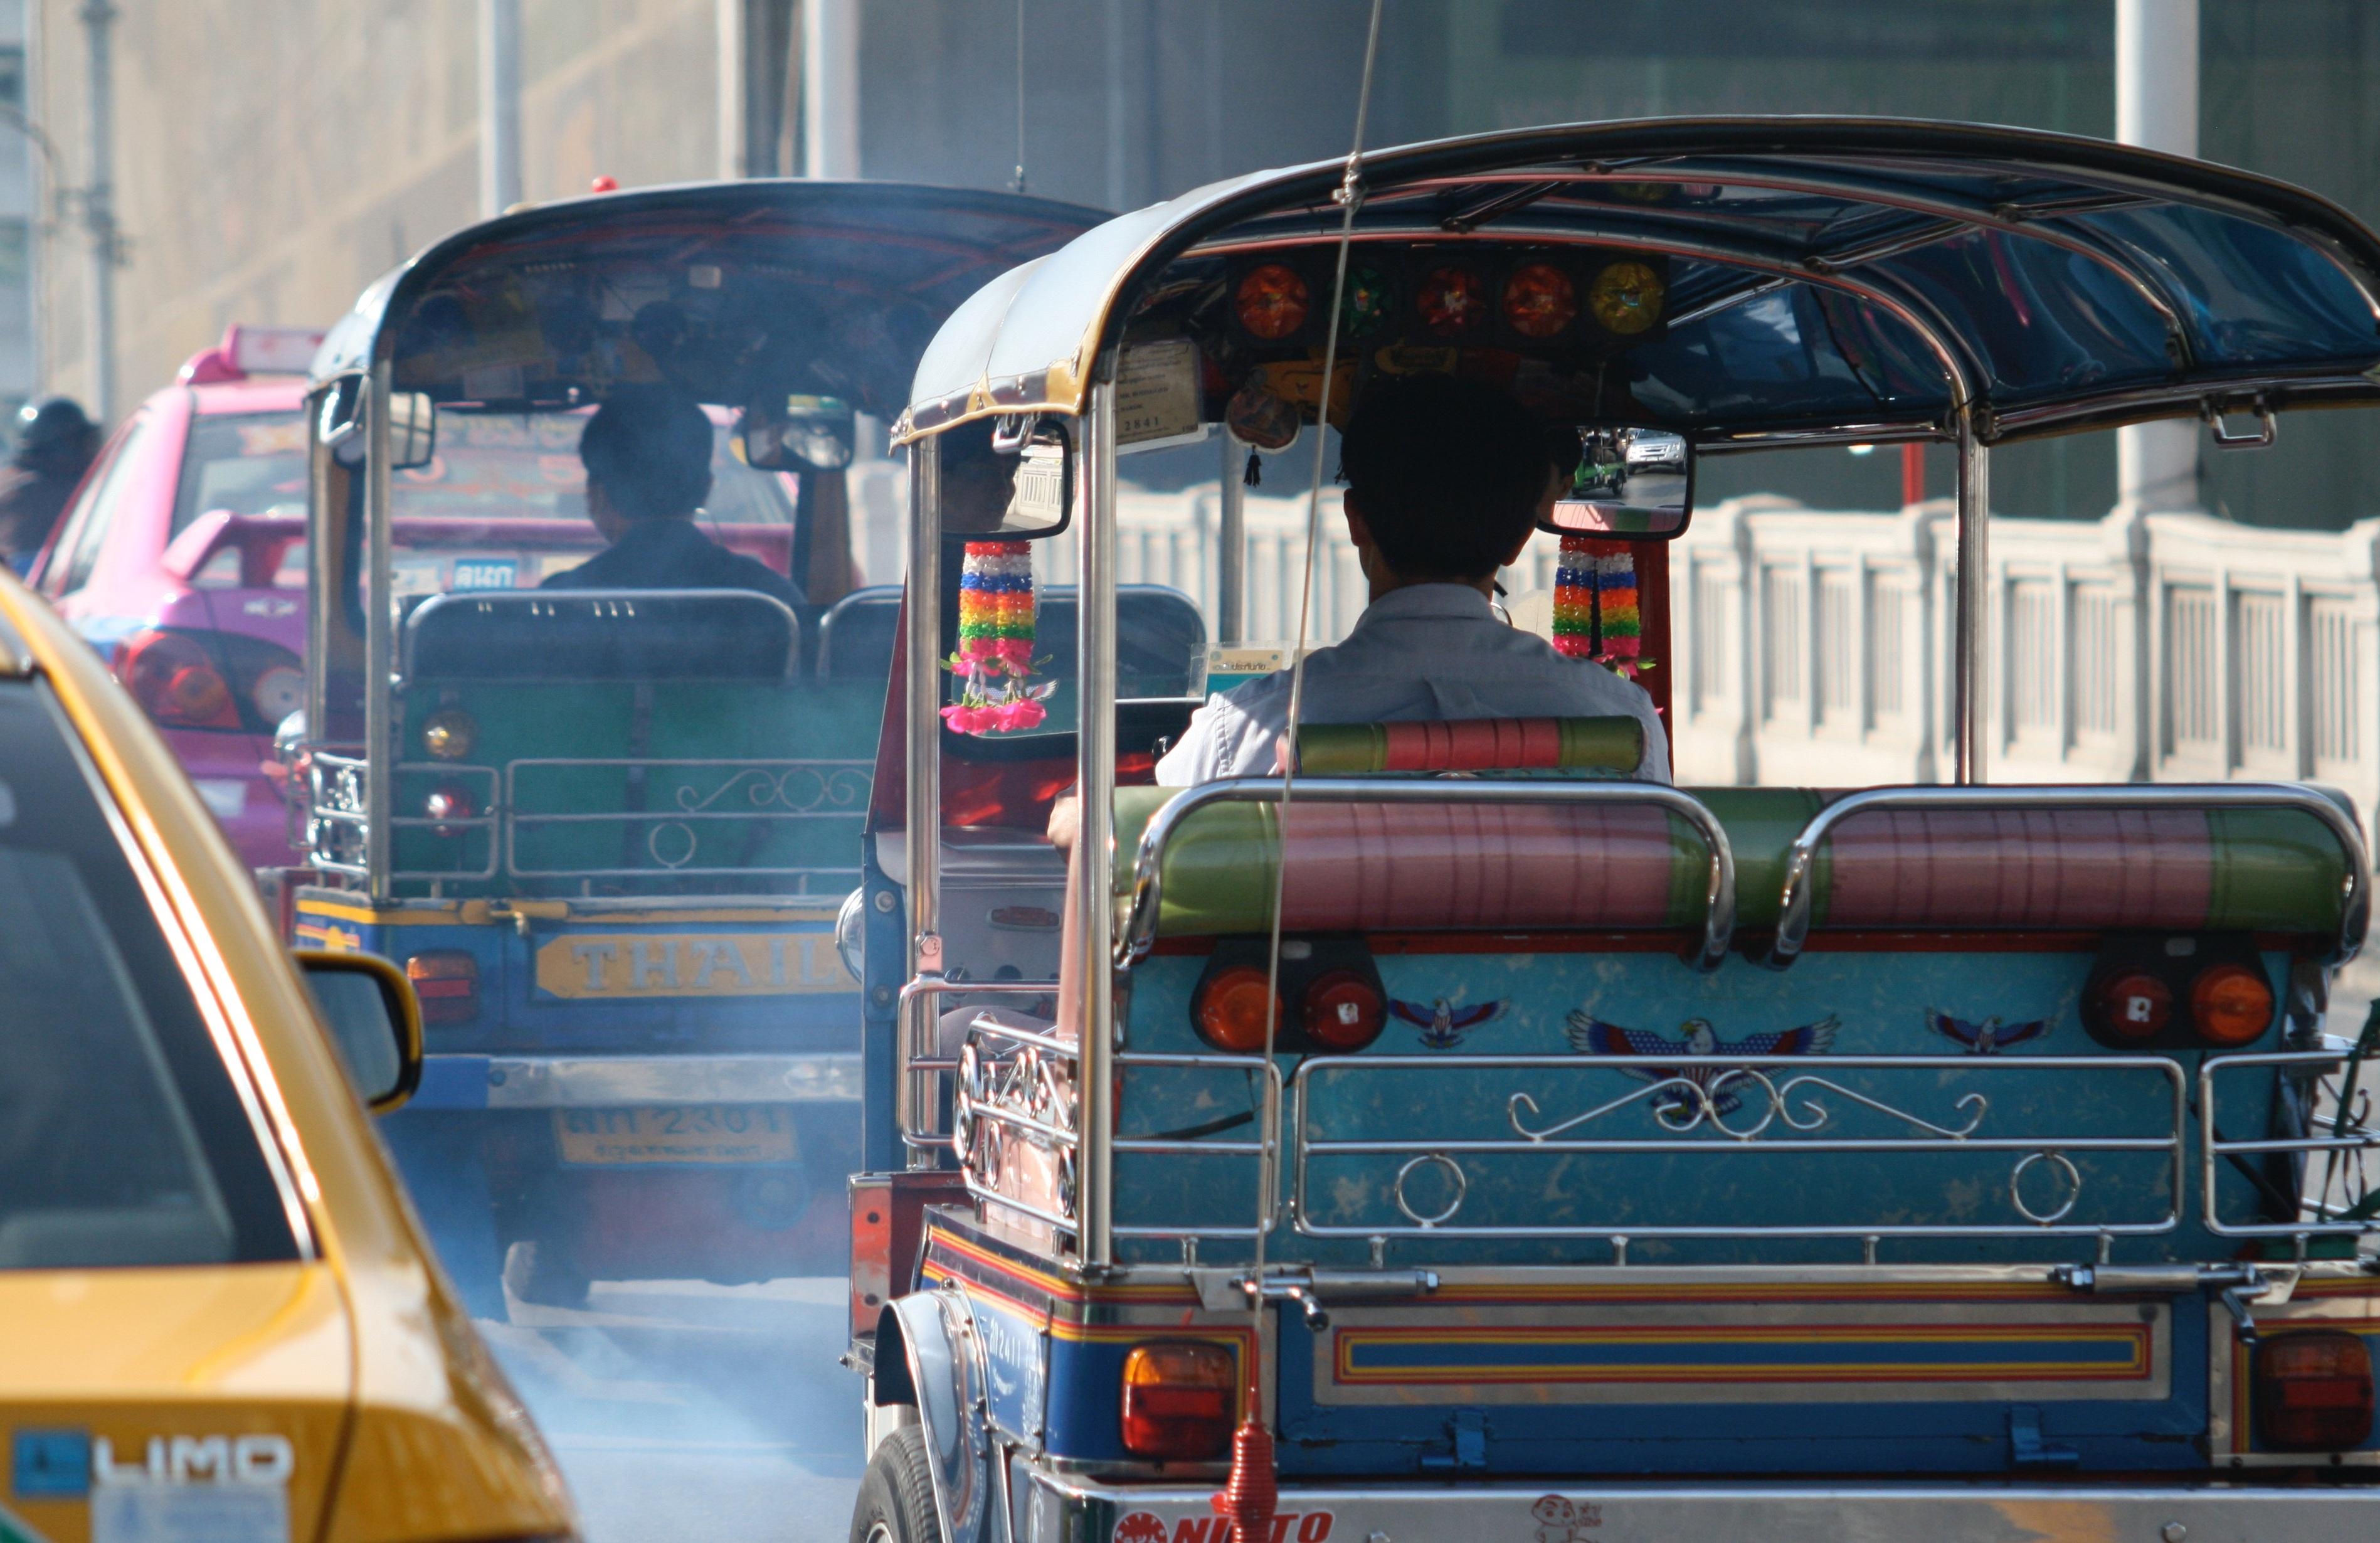 Gambar Jalan Lalu Lintas Mobil Perkotaan Pusat Kota Angkutan